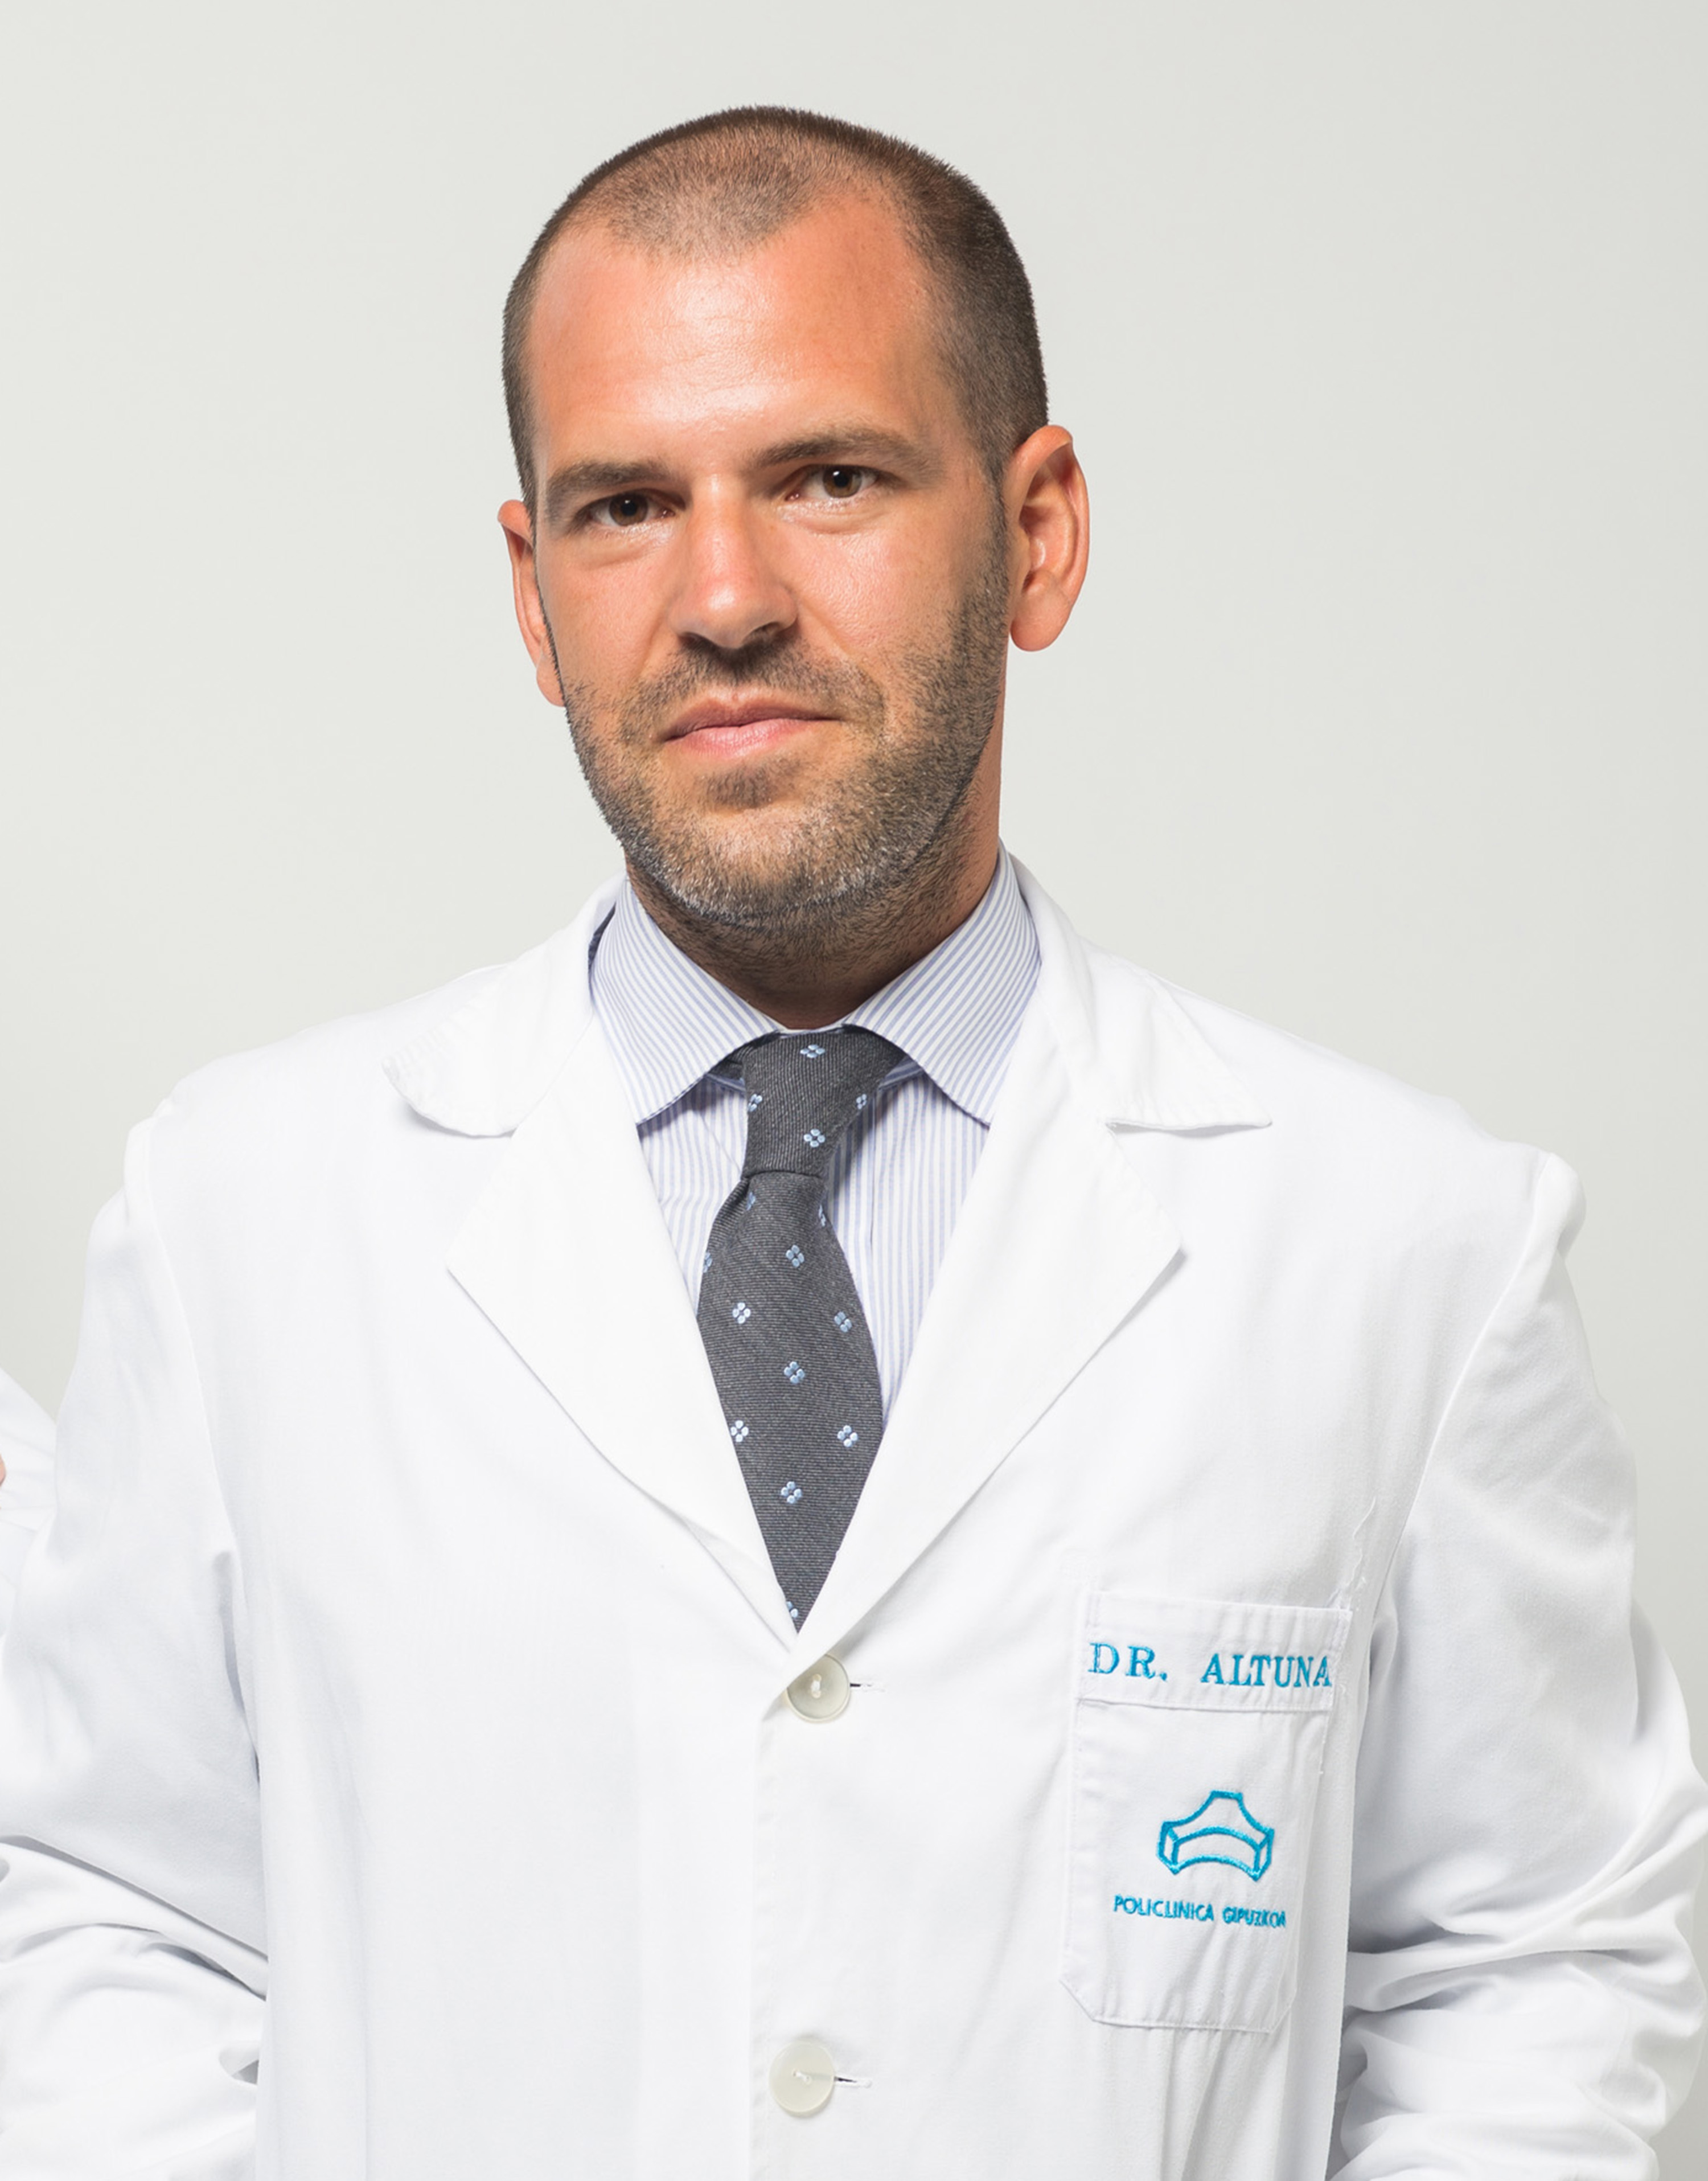 Dr. Altuna